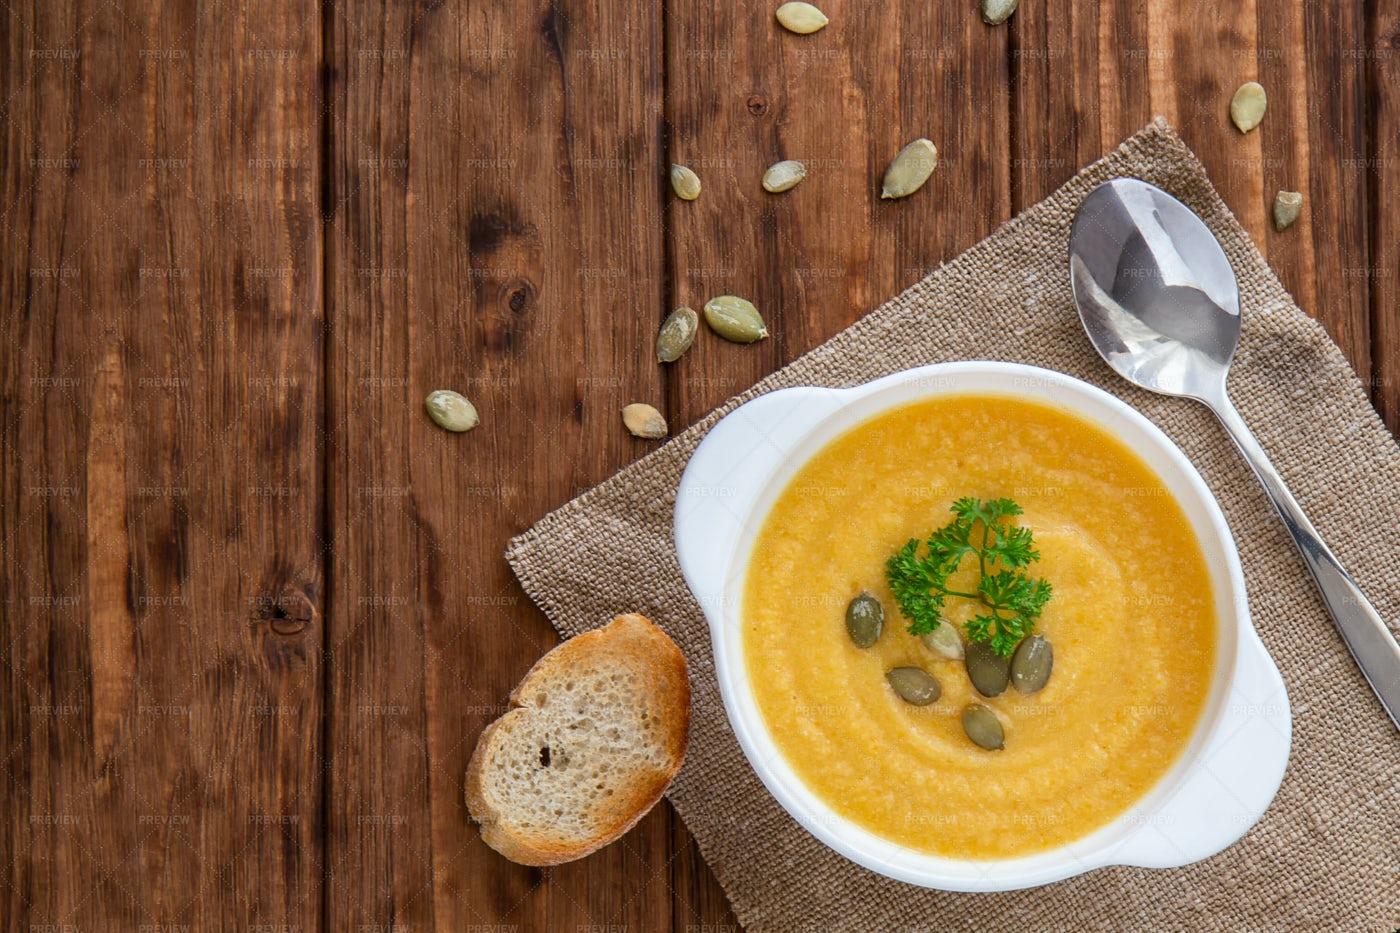 Pumpkin Soup And Bread: Stock Photos